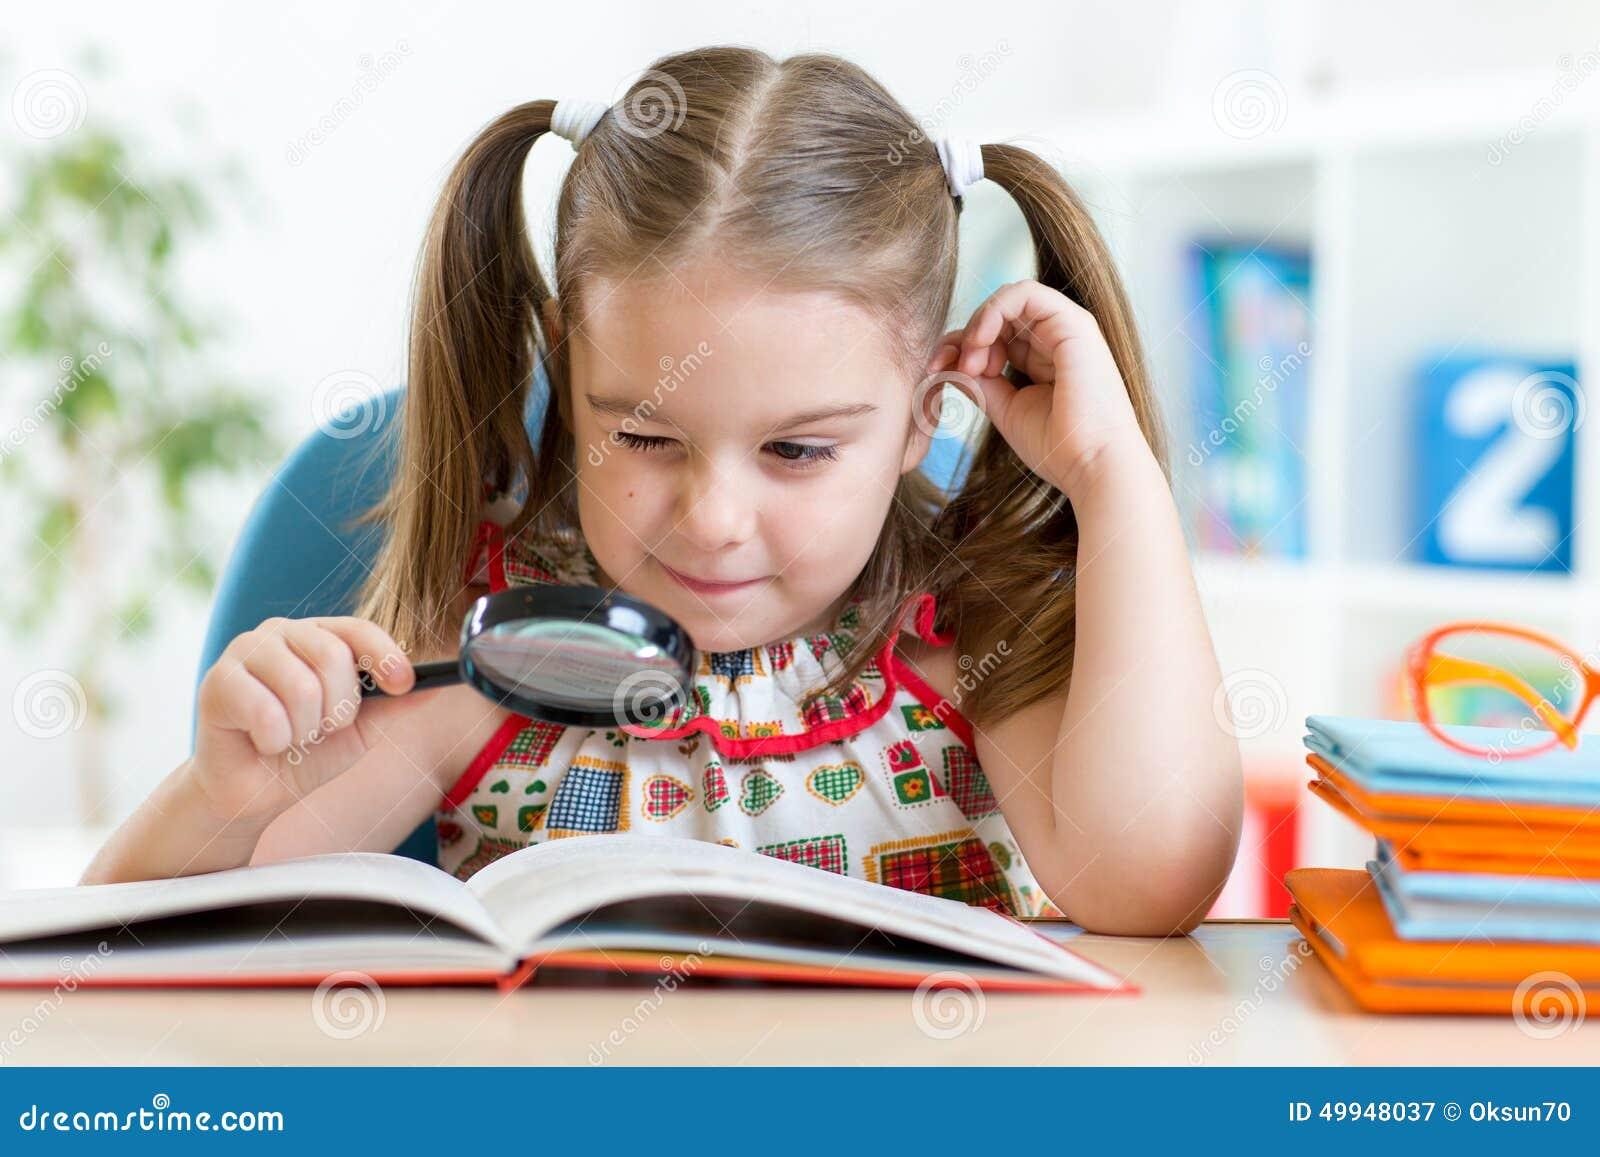 ребёнок читает книгу картинки